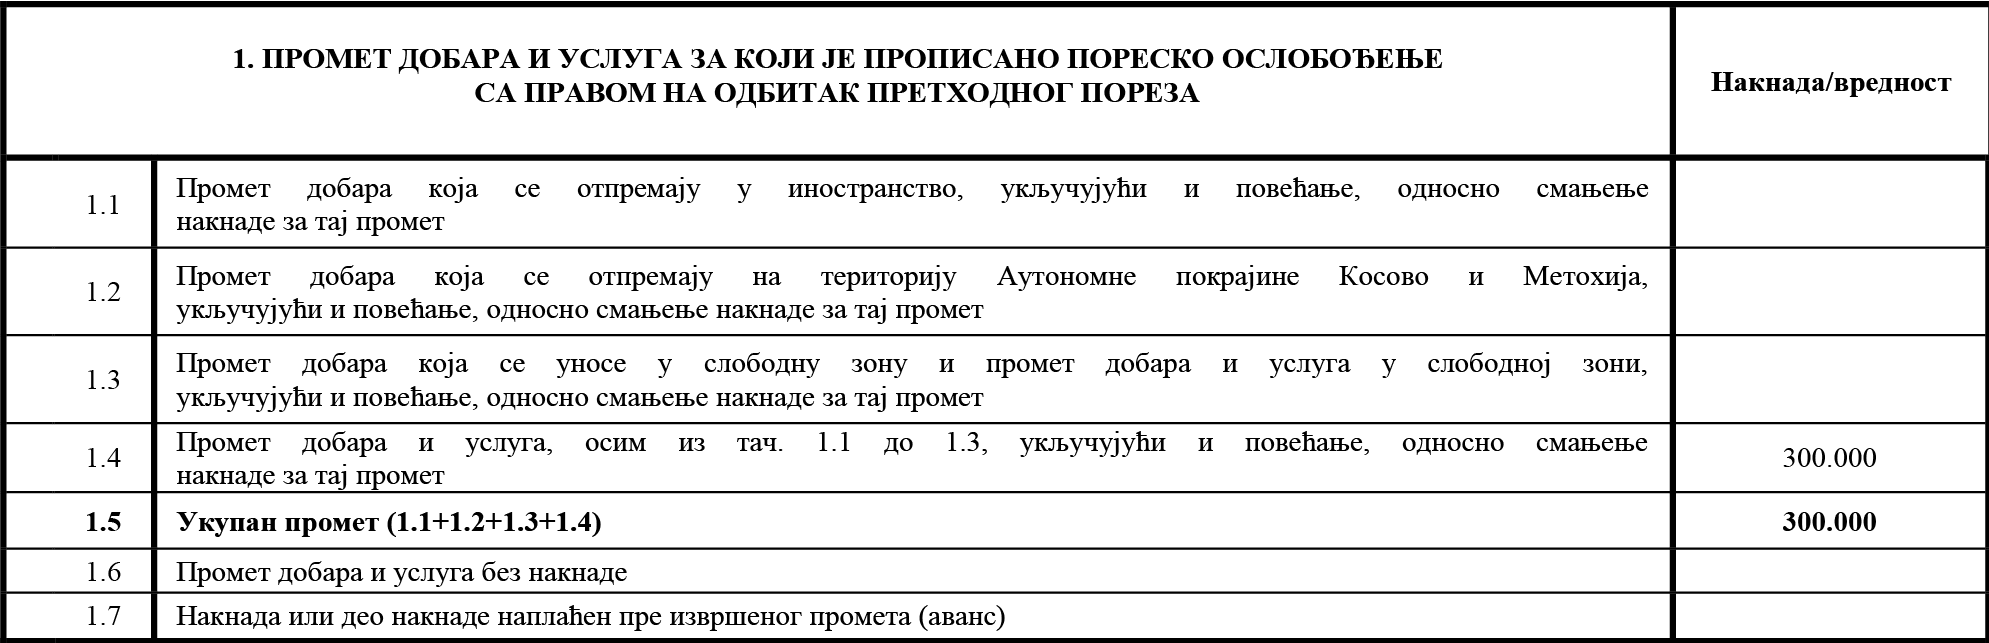 uputstvo PU obrazac POPDV primer 17